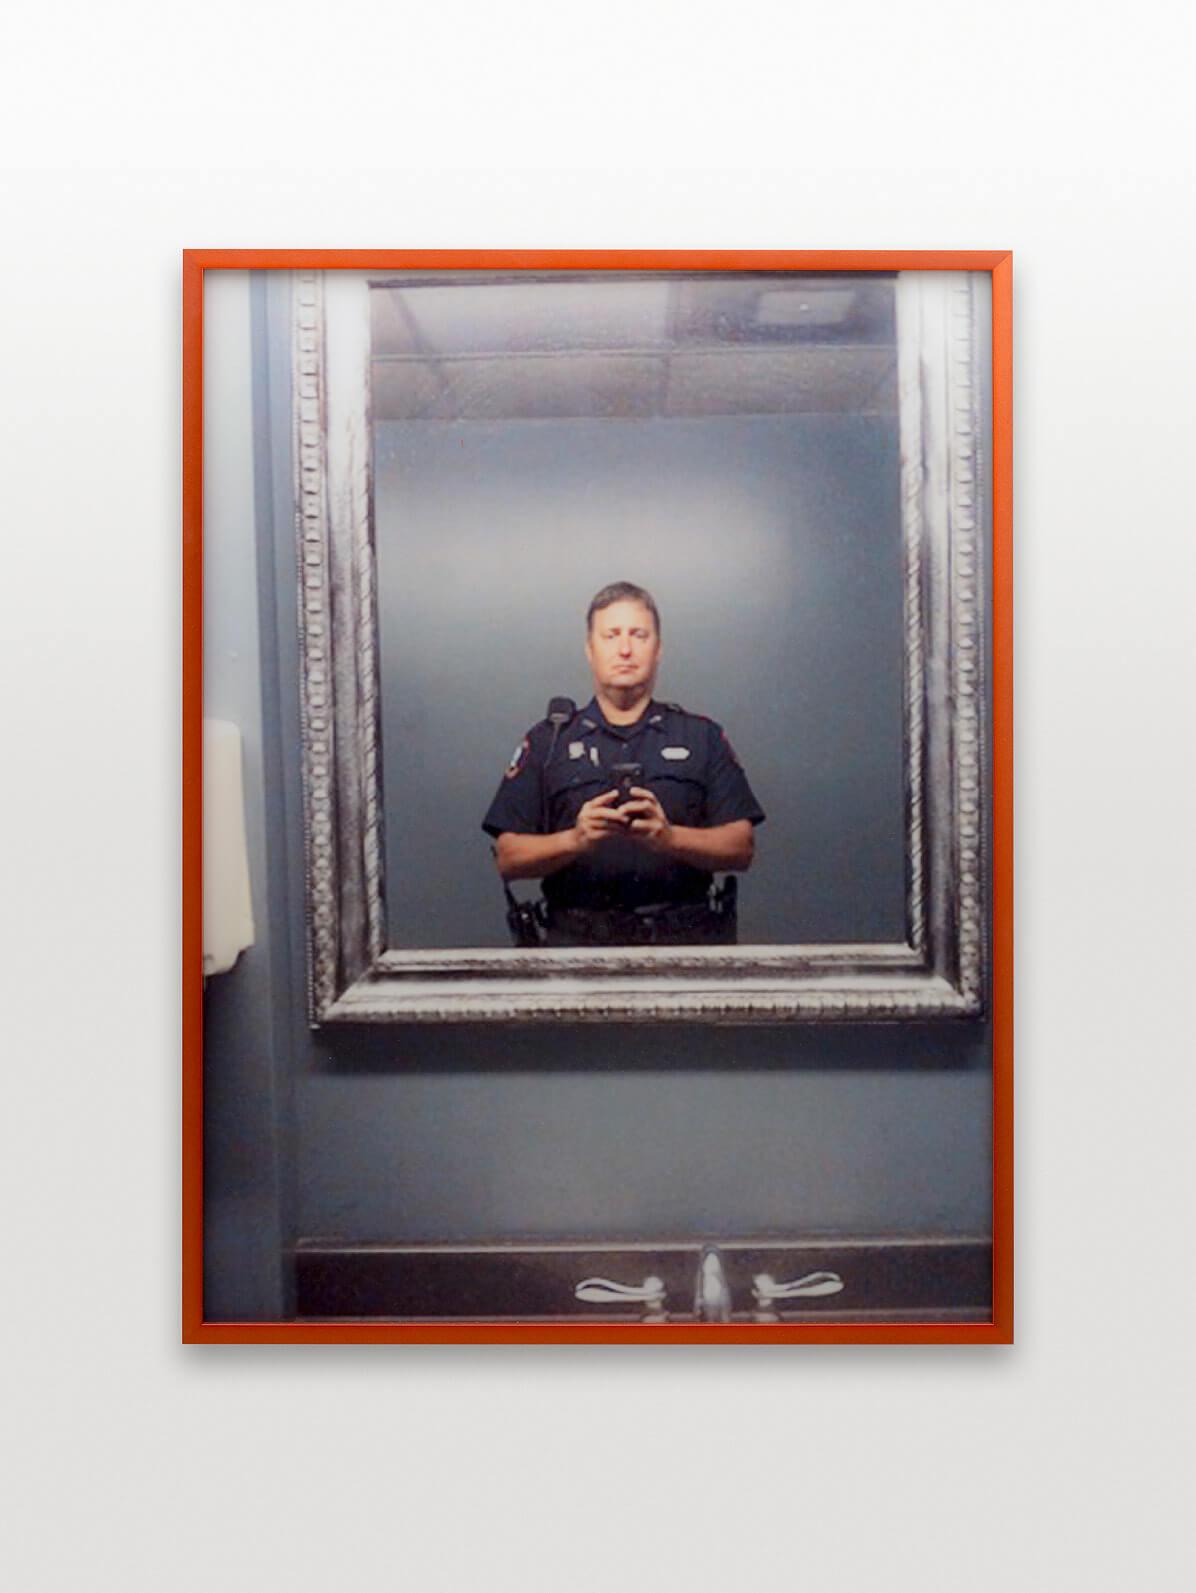 Christopher Meerdo Rijksakademie Portfolio_Page_11_Image_0001